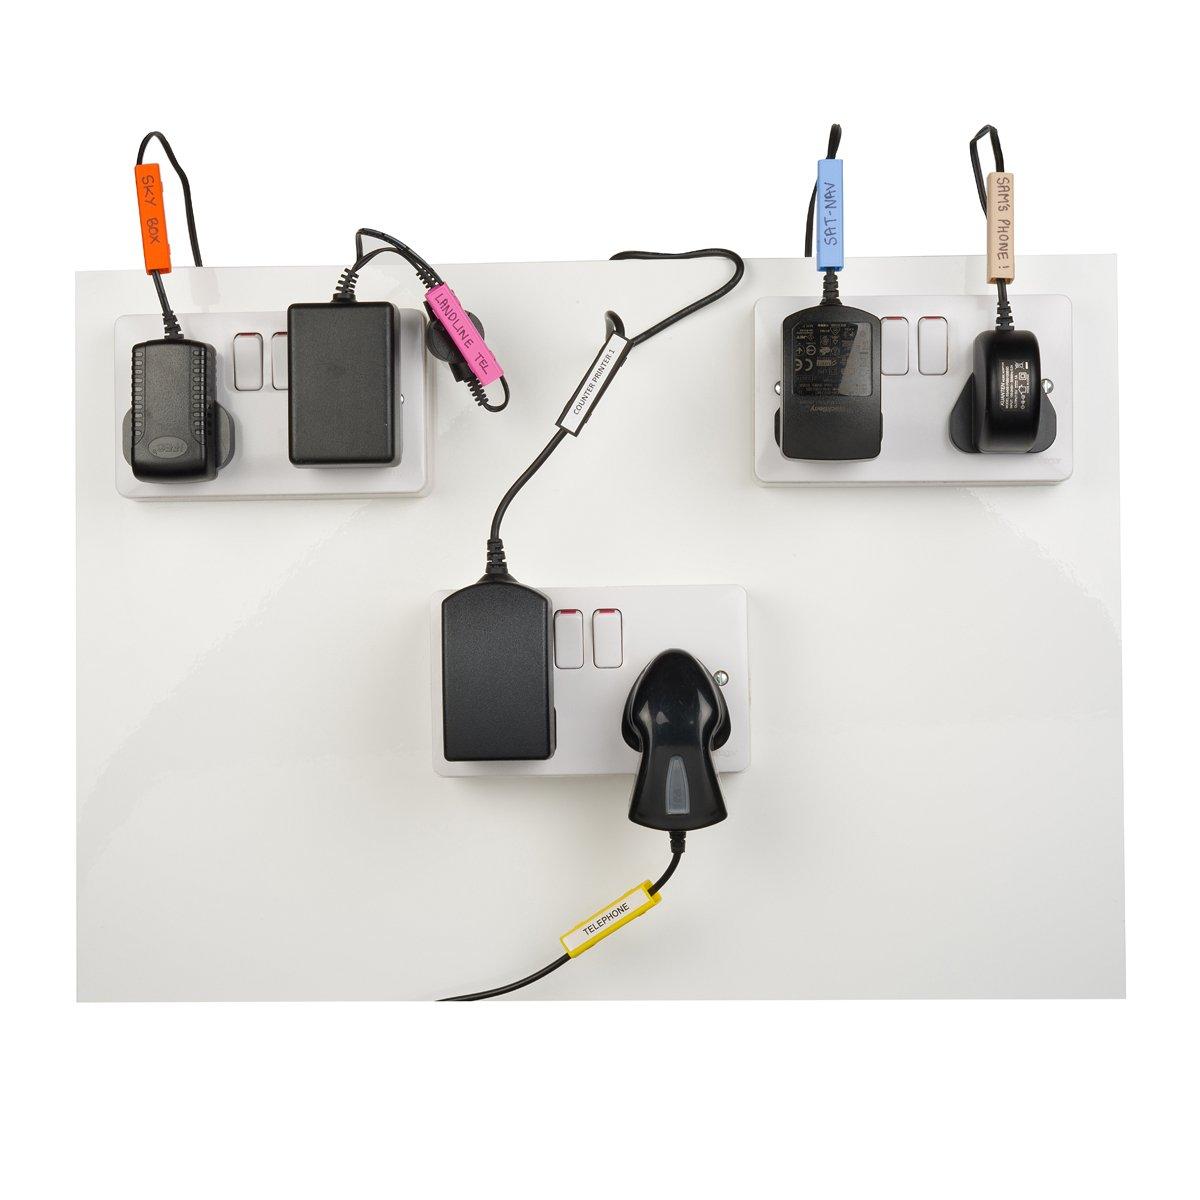 gross von 5 bis 7 mm MIT FREIEN CABLEBUG PEN INKLUSIVE Packung mit 80 st/ück Cablebug5